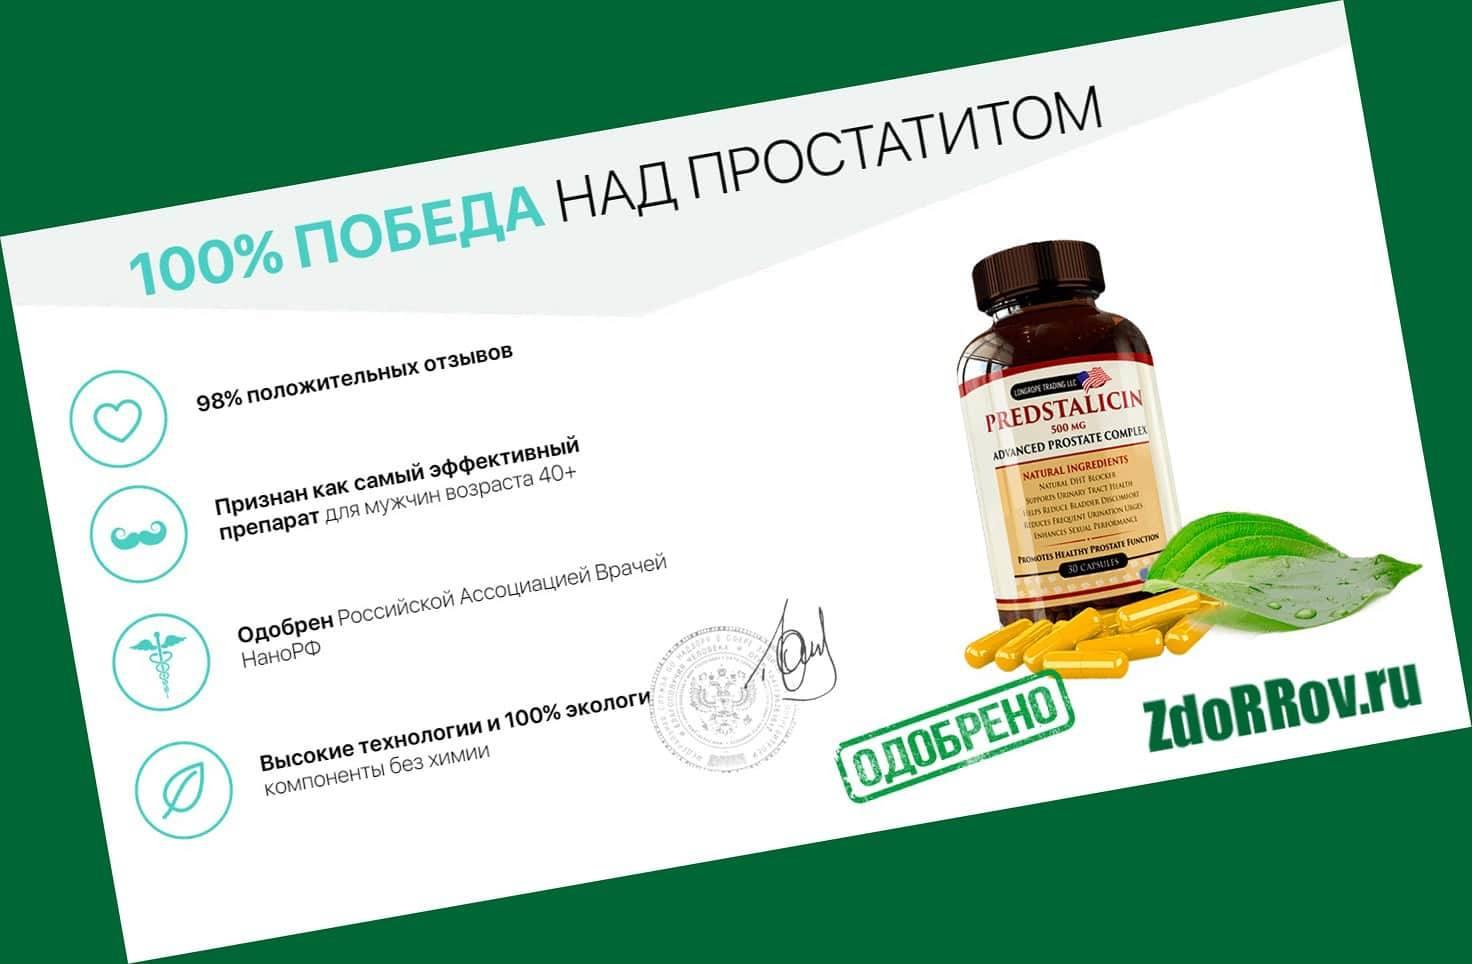 Действие препарата Predstalicin